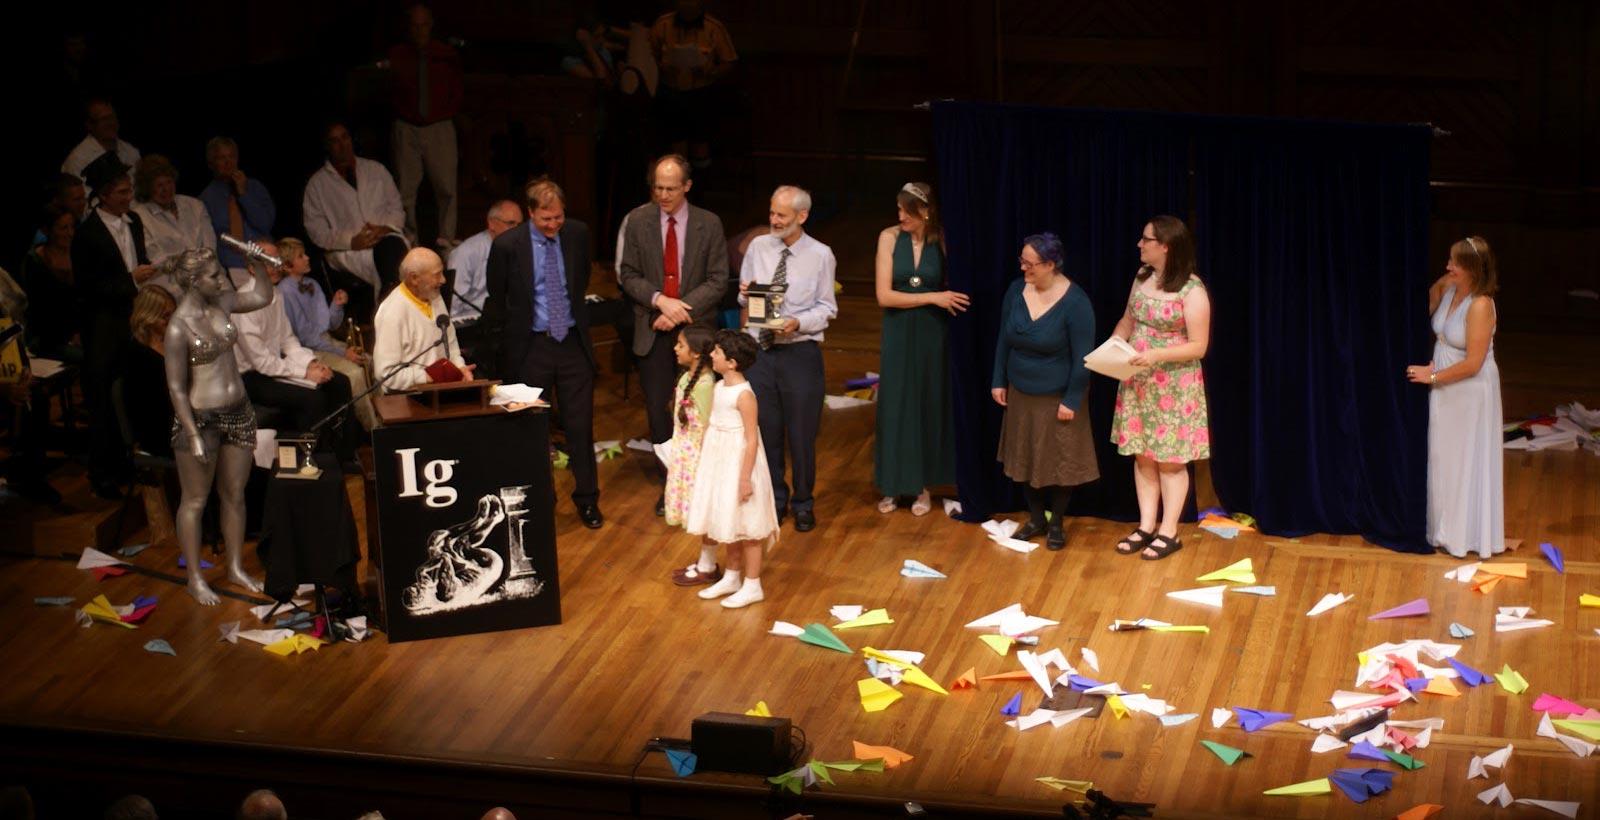 Une des interventions de Miss Sweetie Poo lors de la cérémonie (Photo : Physics Central).